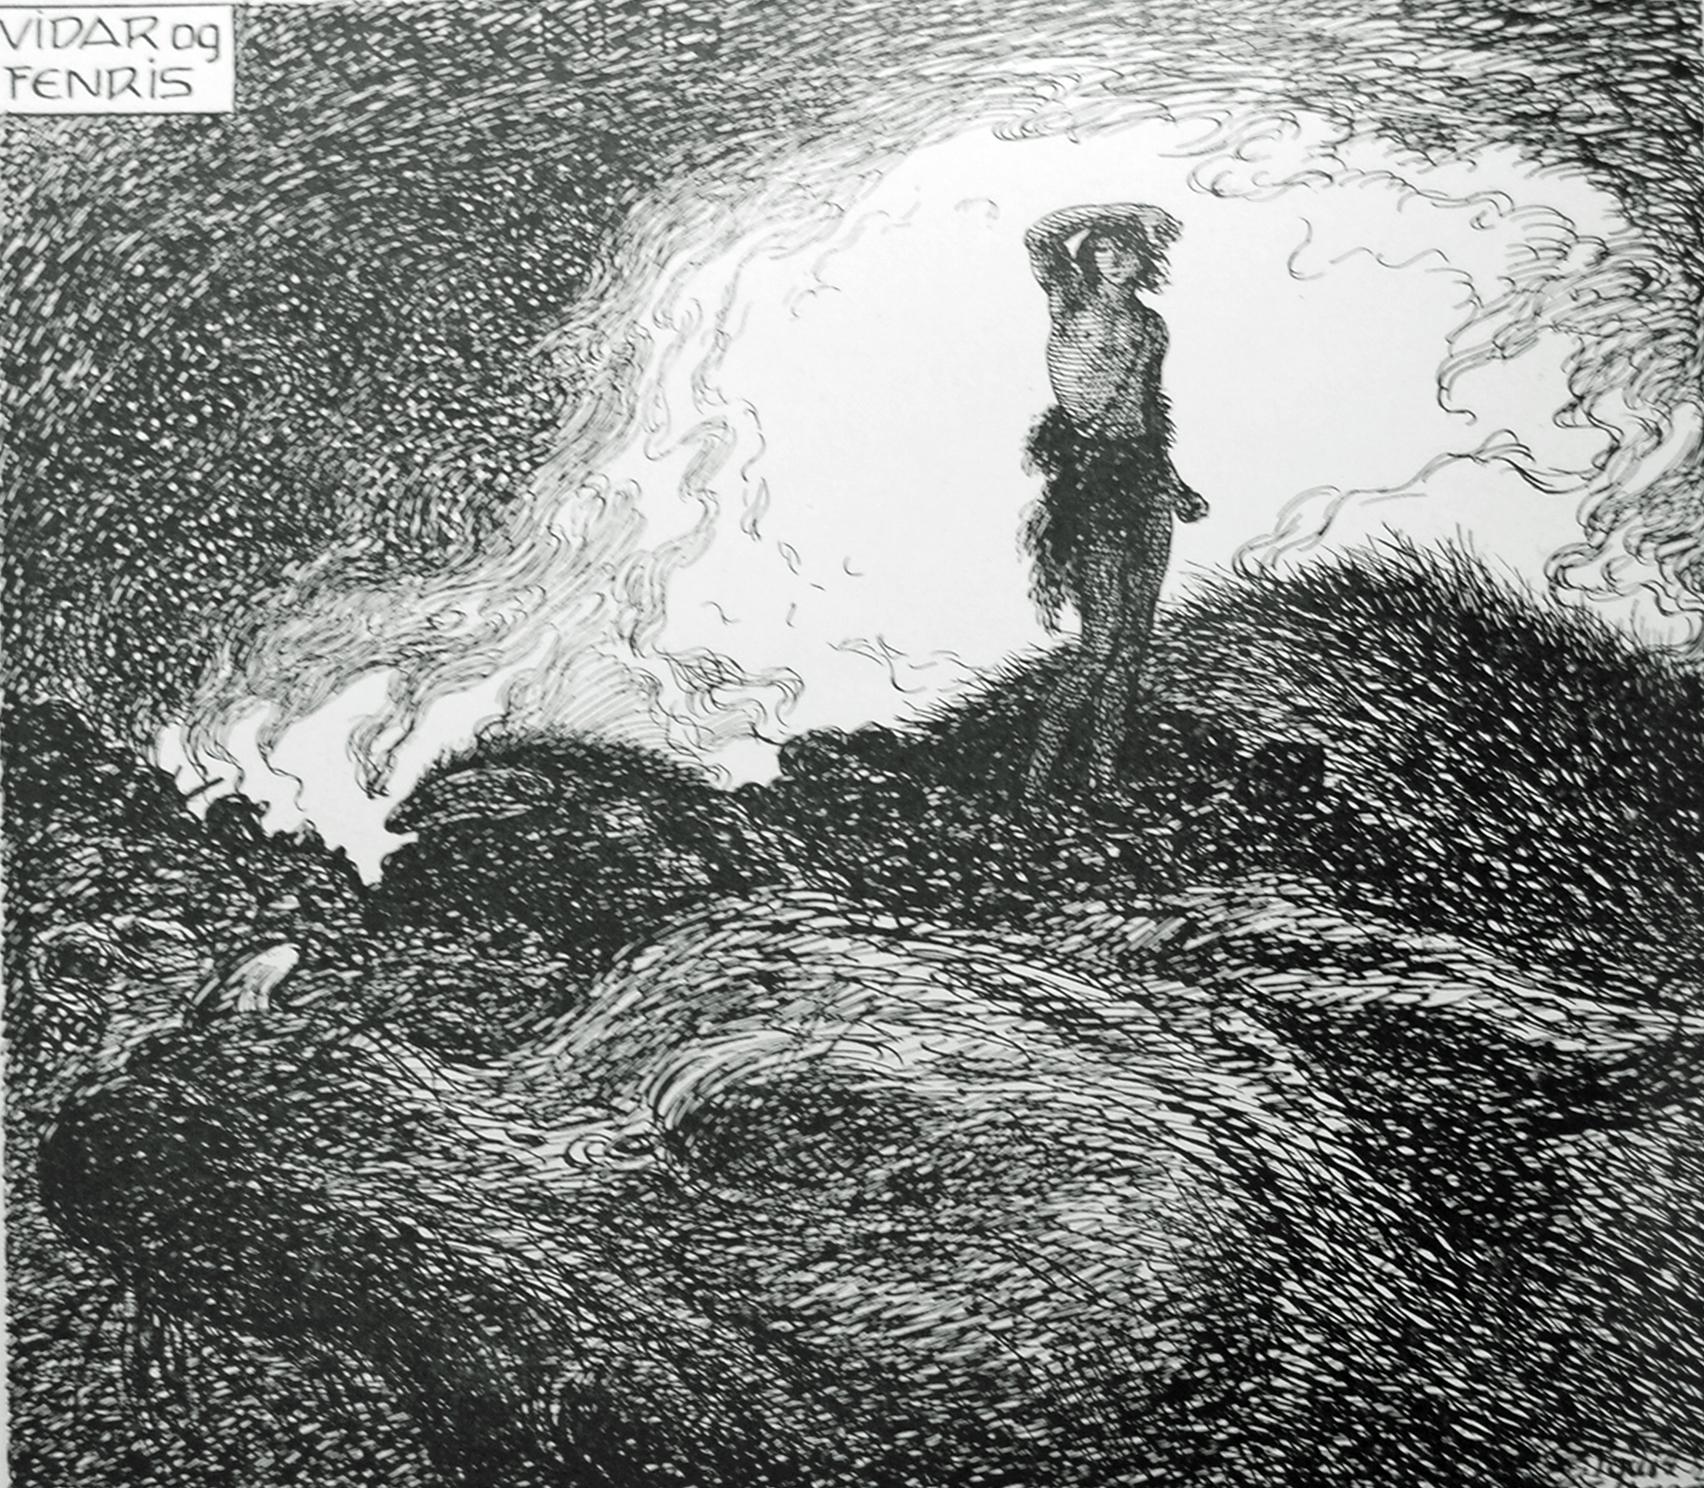 Víðarr and Fenrir